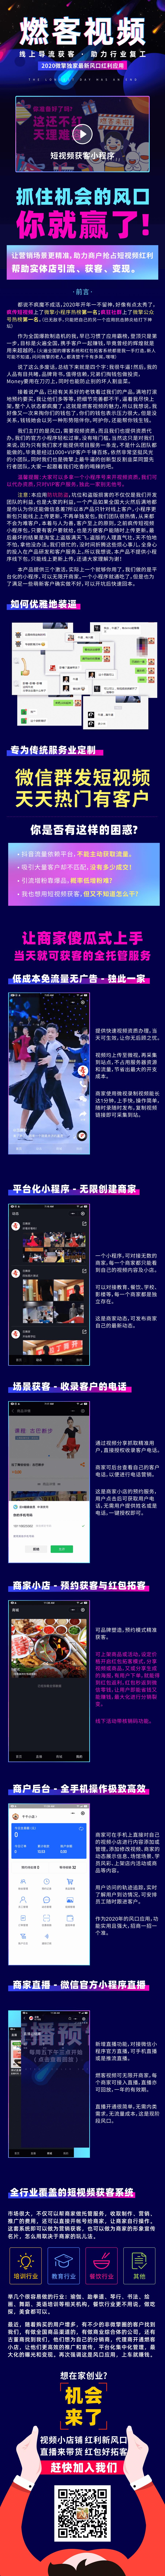 燃客视频新海报2 (1).png